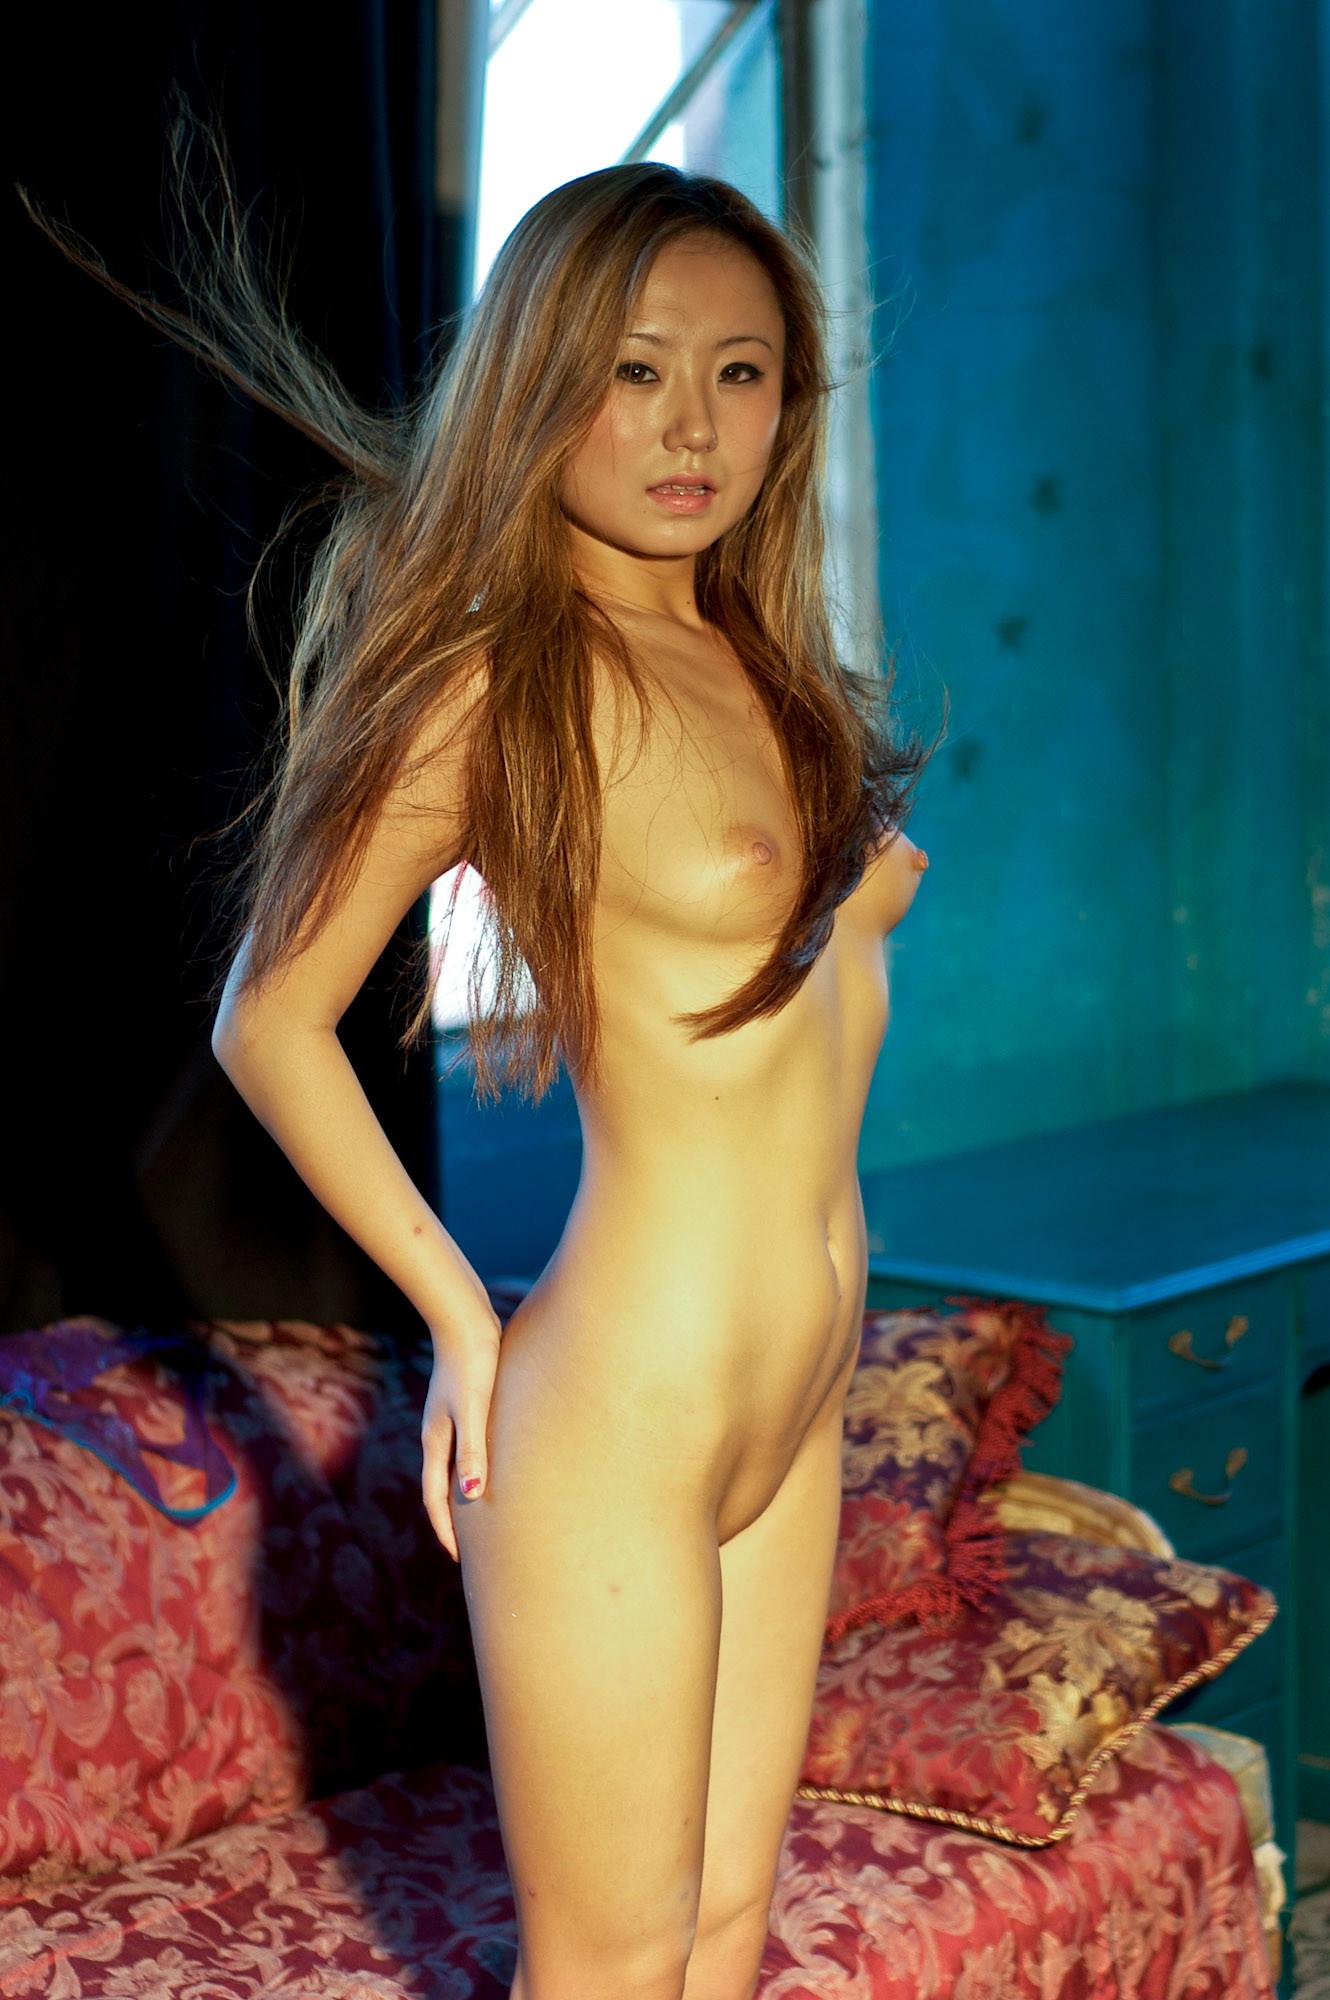 Азиатка Мишель сбросила белье лилового цвета